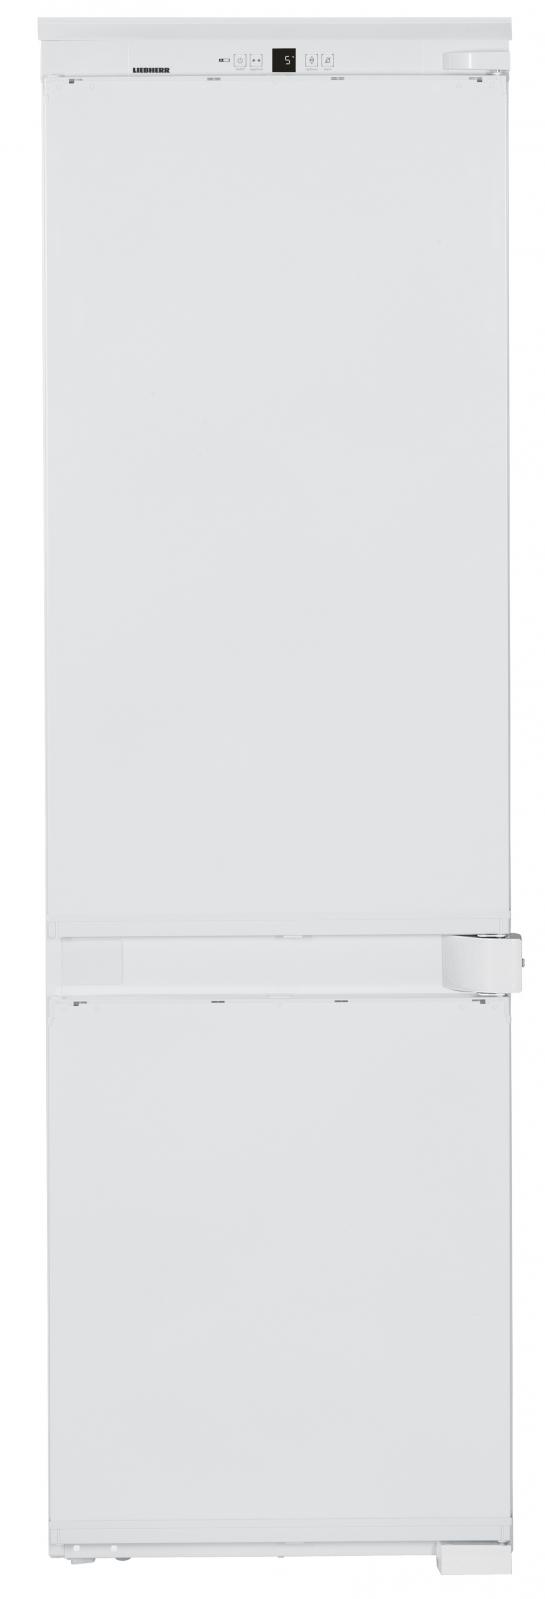 купить Встраиваемый двухкамерный холодильник Liebherr ICUNS 3324 Украина фото 2